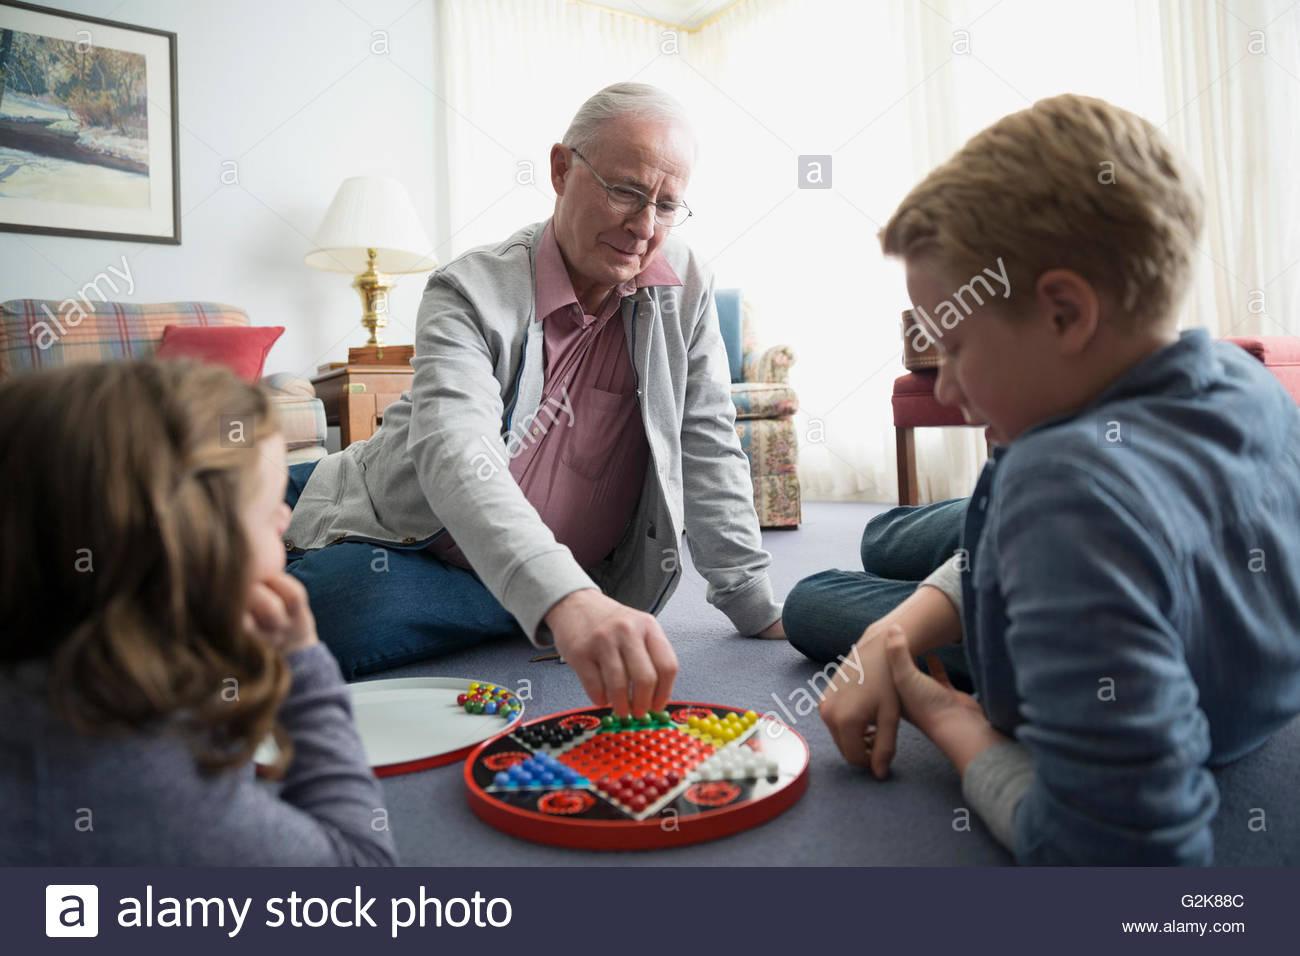 Grand-père et ses petits-enfants jouer Chinese checkers Photo Stock